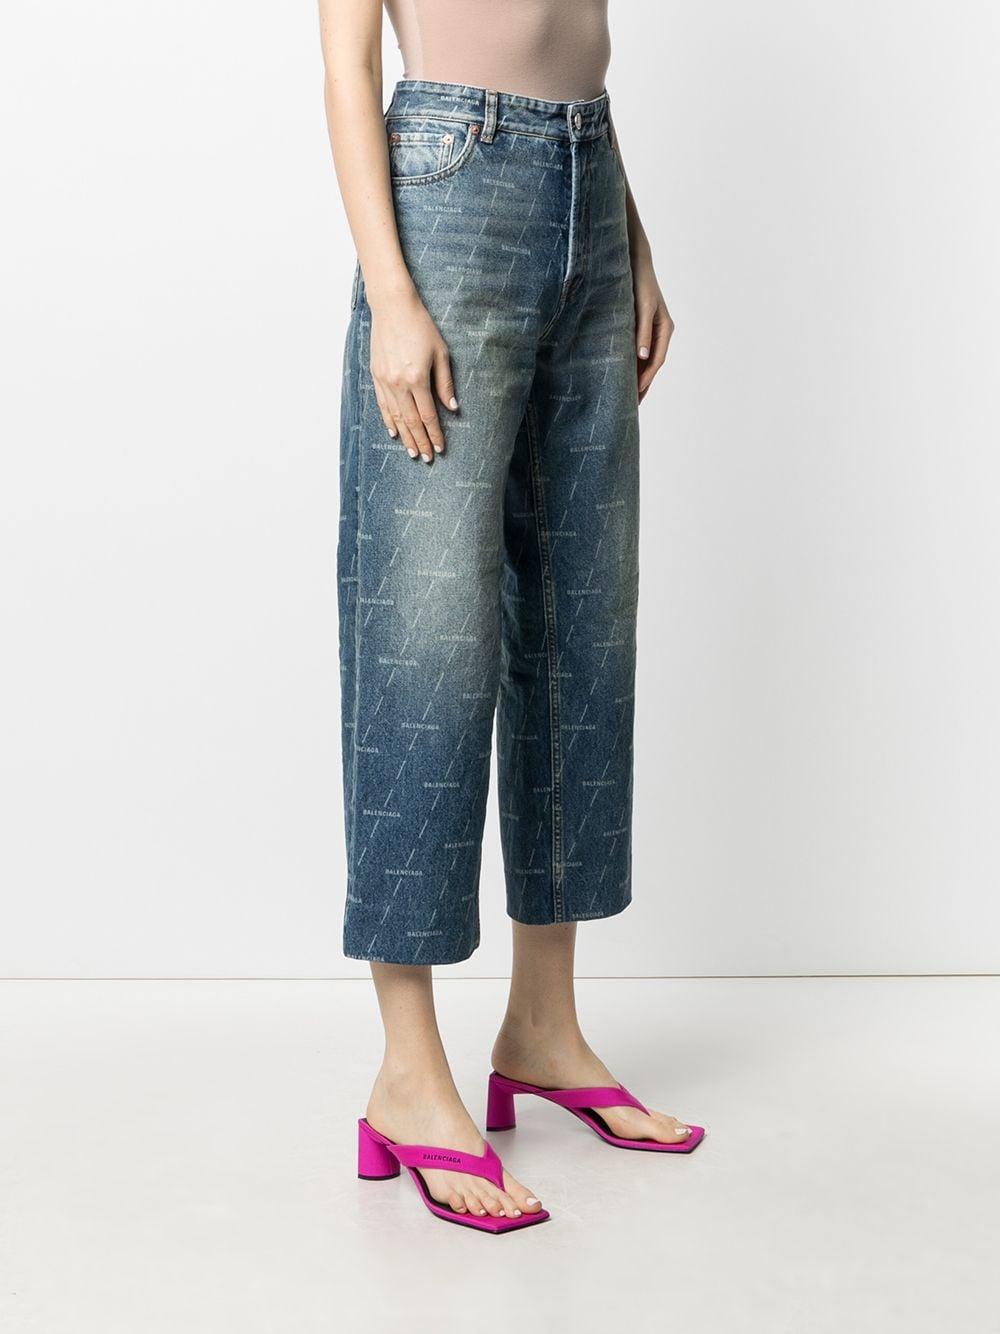 Blue cotton cropped jeans featuring all-over Balenciaga logo print BALENCIAGA |  | 600235-TJW532340